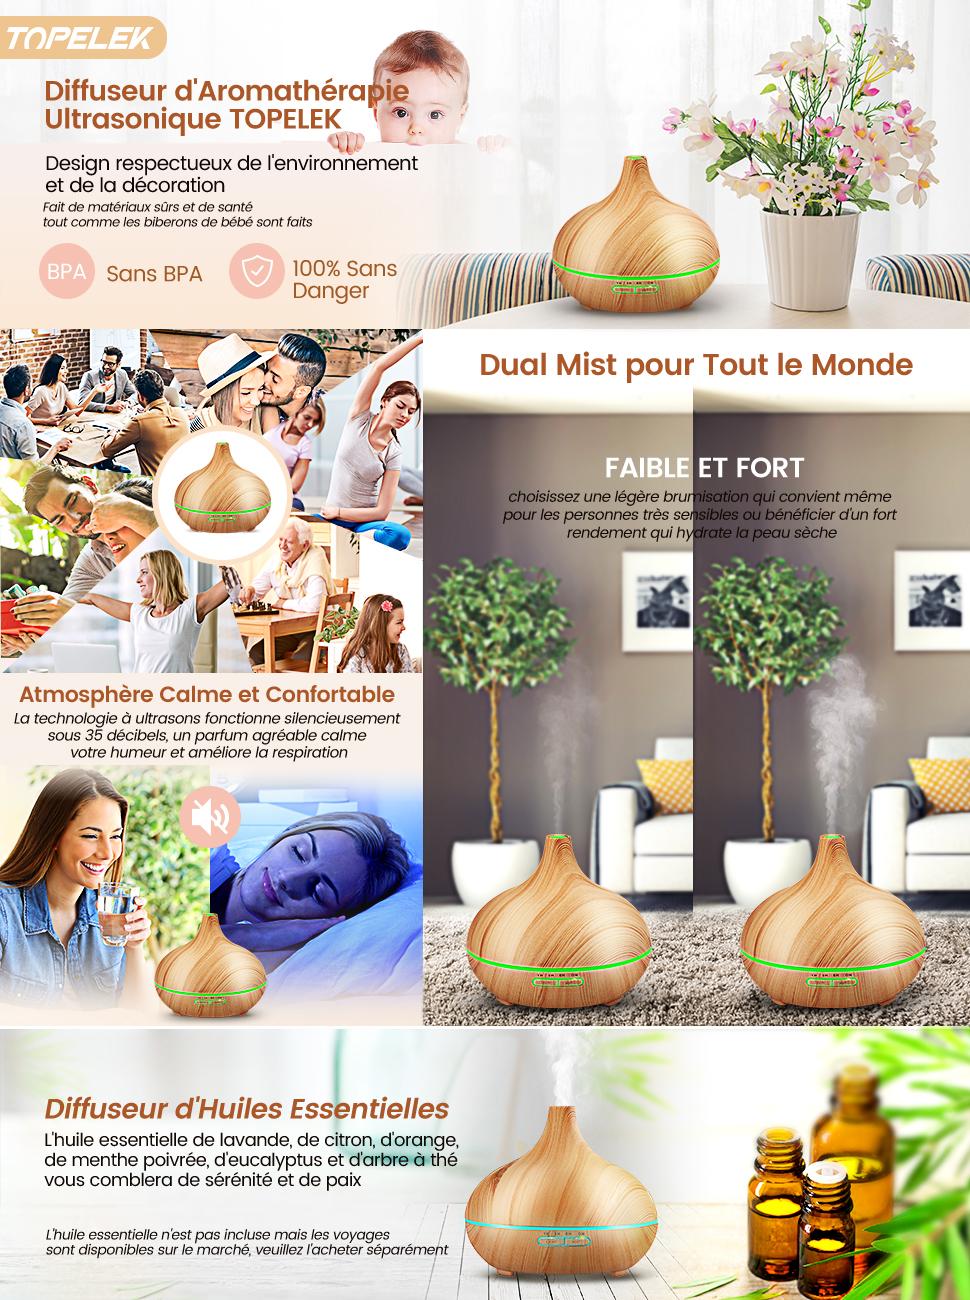 topelek diffuseur huiles essentielles electrique 300 ml 10h diffuseur parfum maison 7 couleur. Black Bedroom Furniture Sets. Home Design Ideas